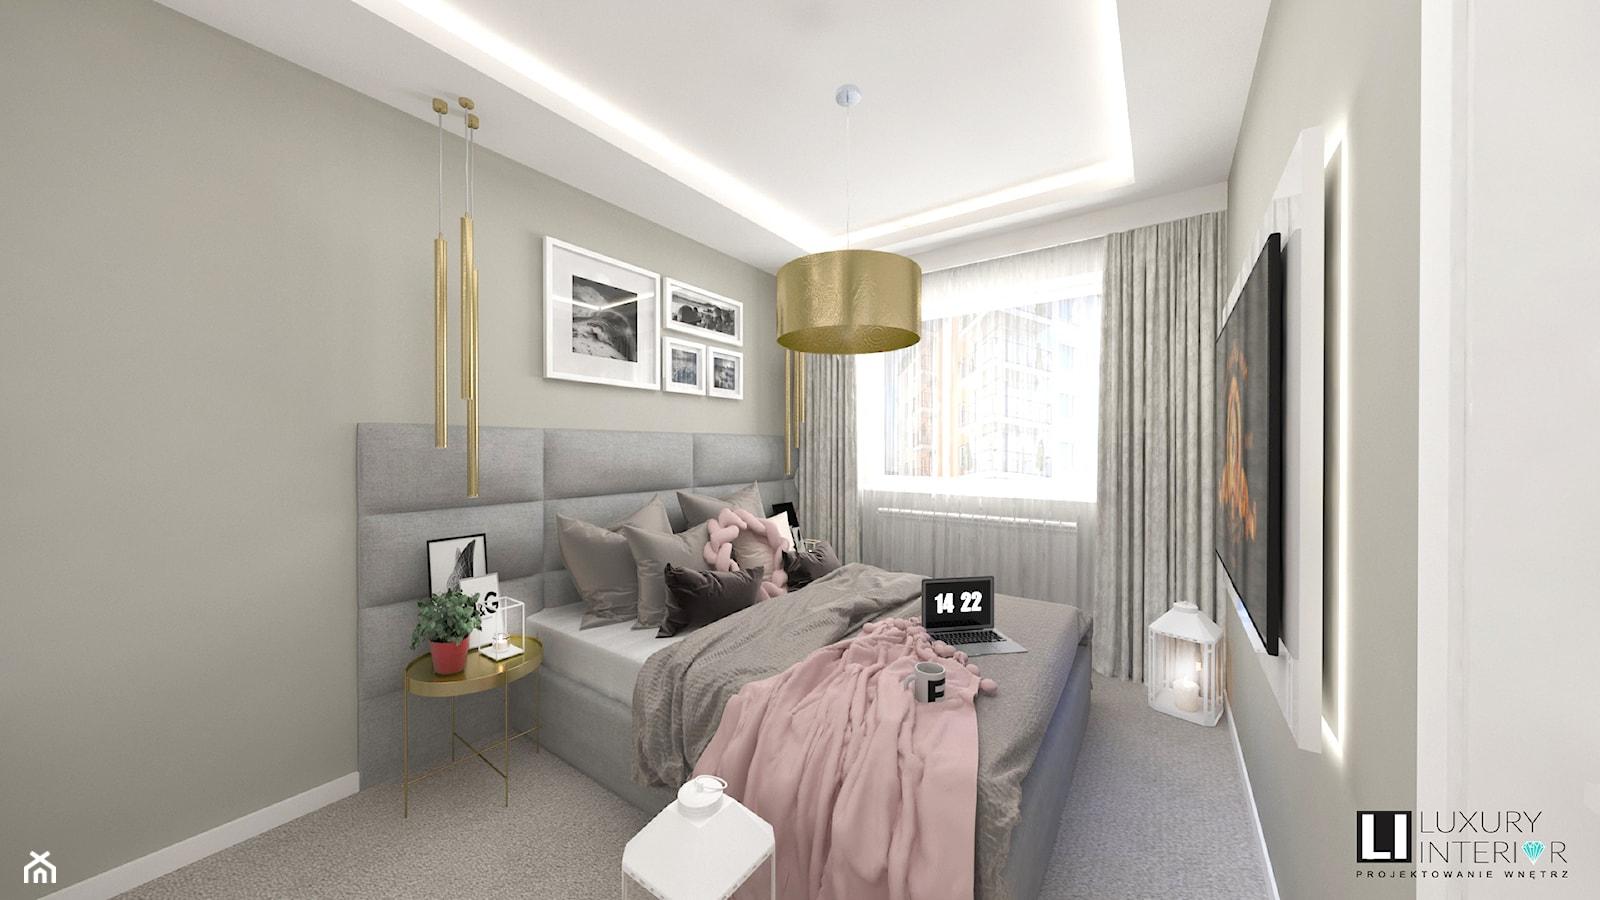 Sypialnia - Średnia biała szara sypialnia małżeńska, styl skandynawski - zdjęcie od LUXURY INTERIOR - Homebook